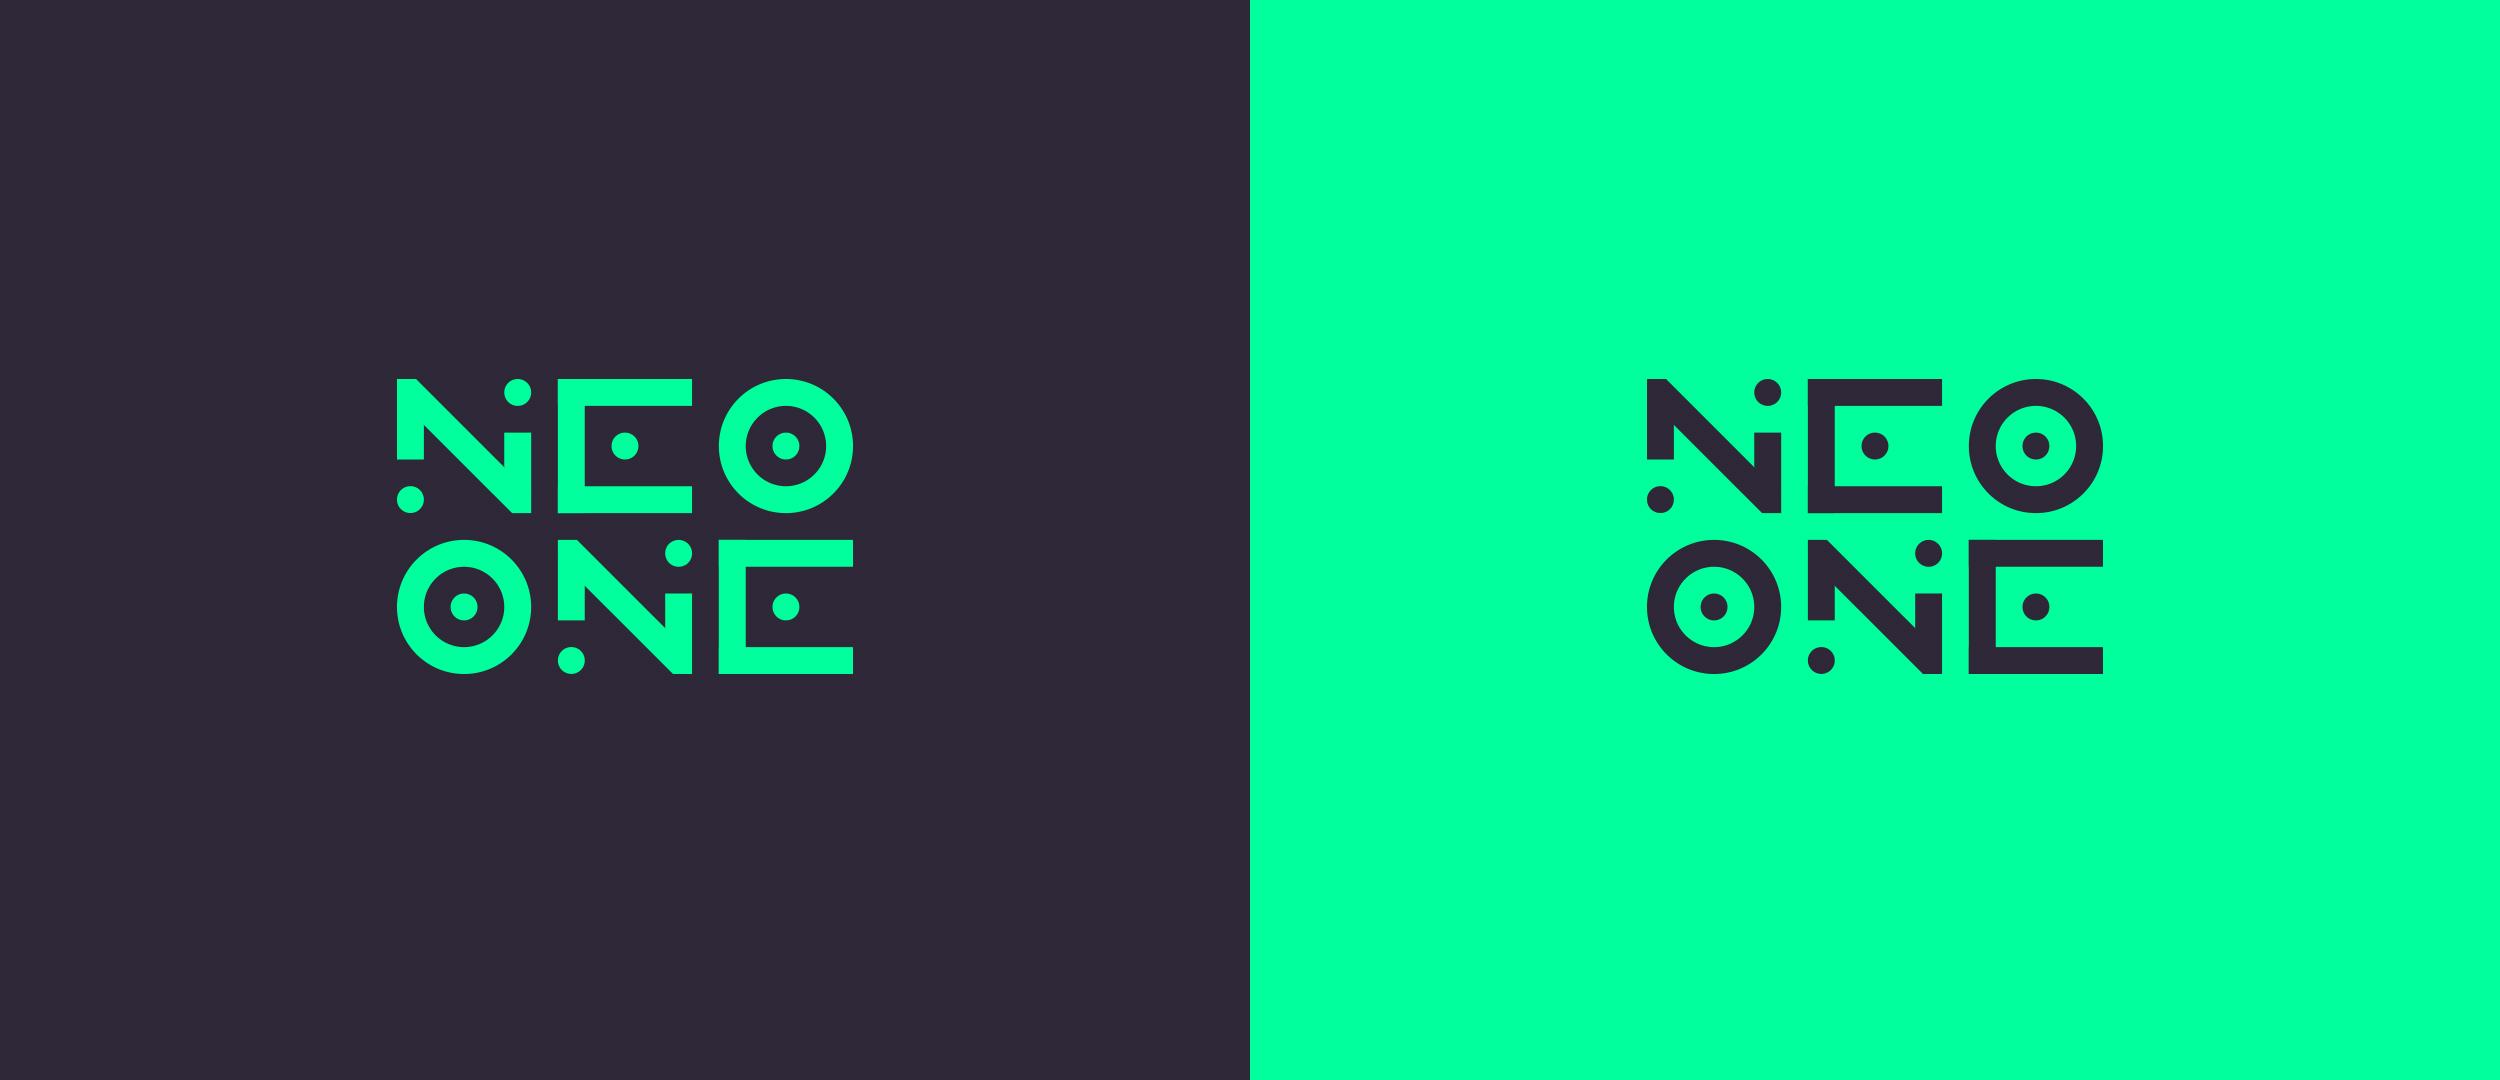 NEO_ONE_09b.jpg